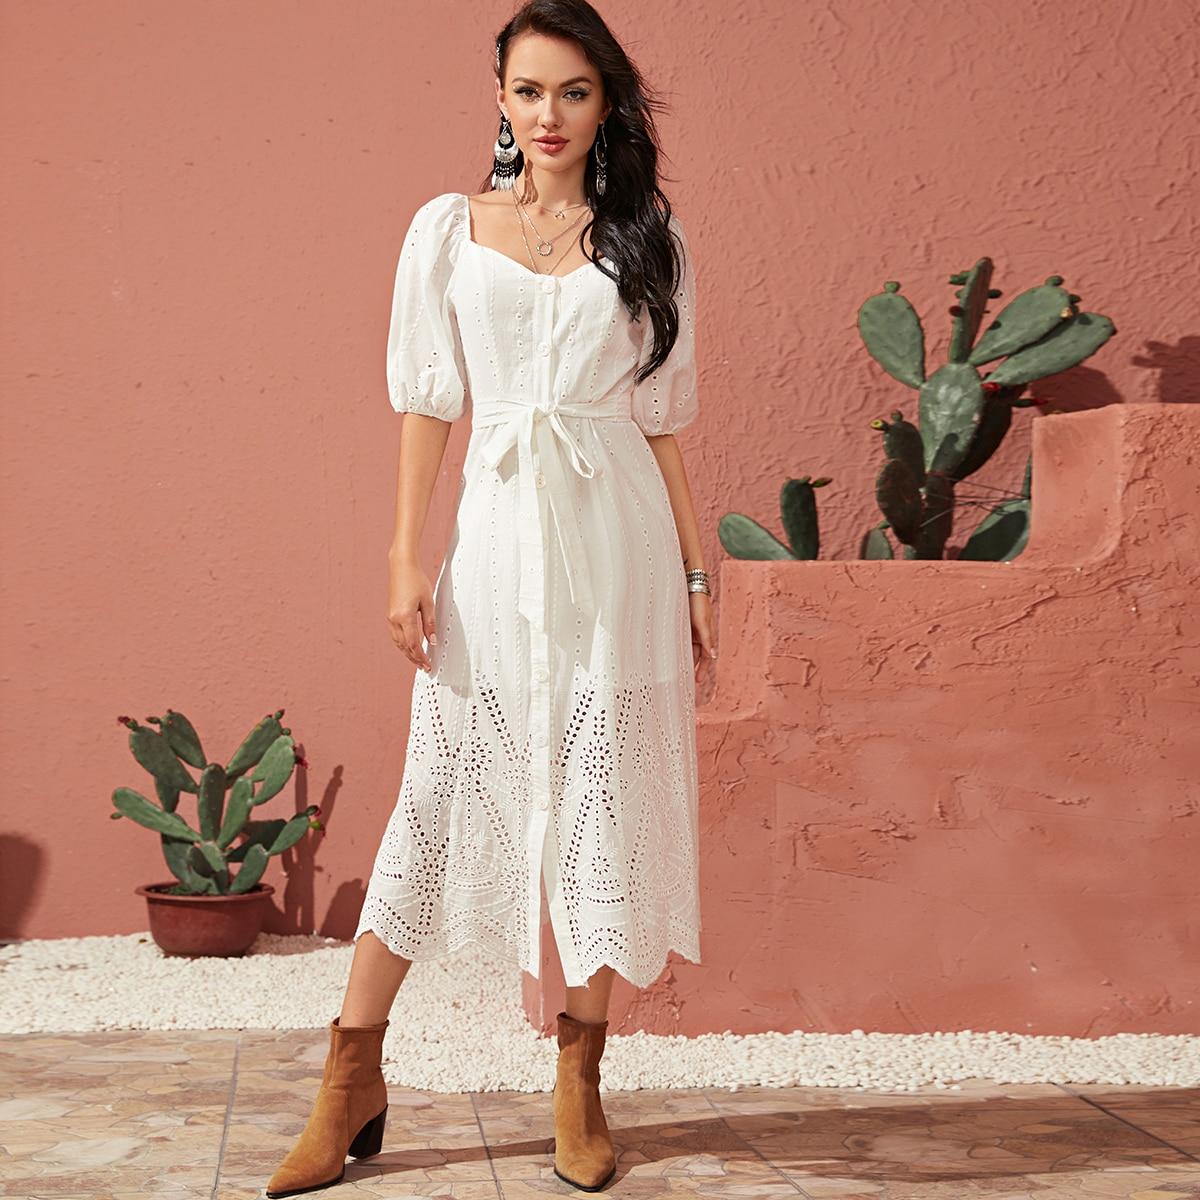 Платье с пышными рукавами, пуговицами и поясом